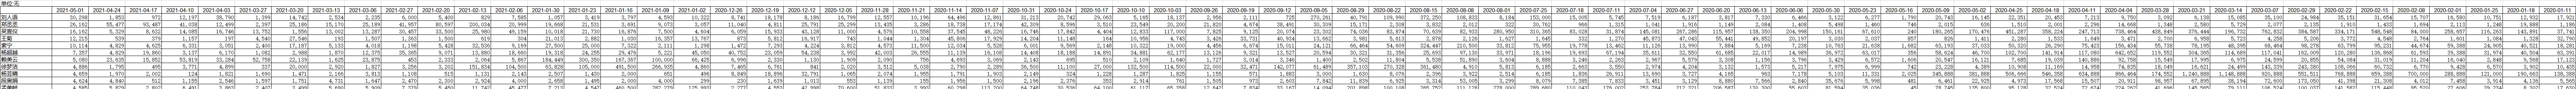 2018-2021年123粉丝网创造101人气周榜